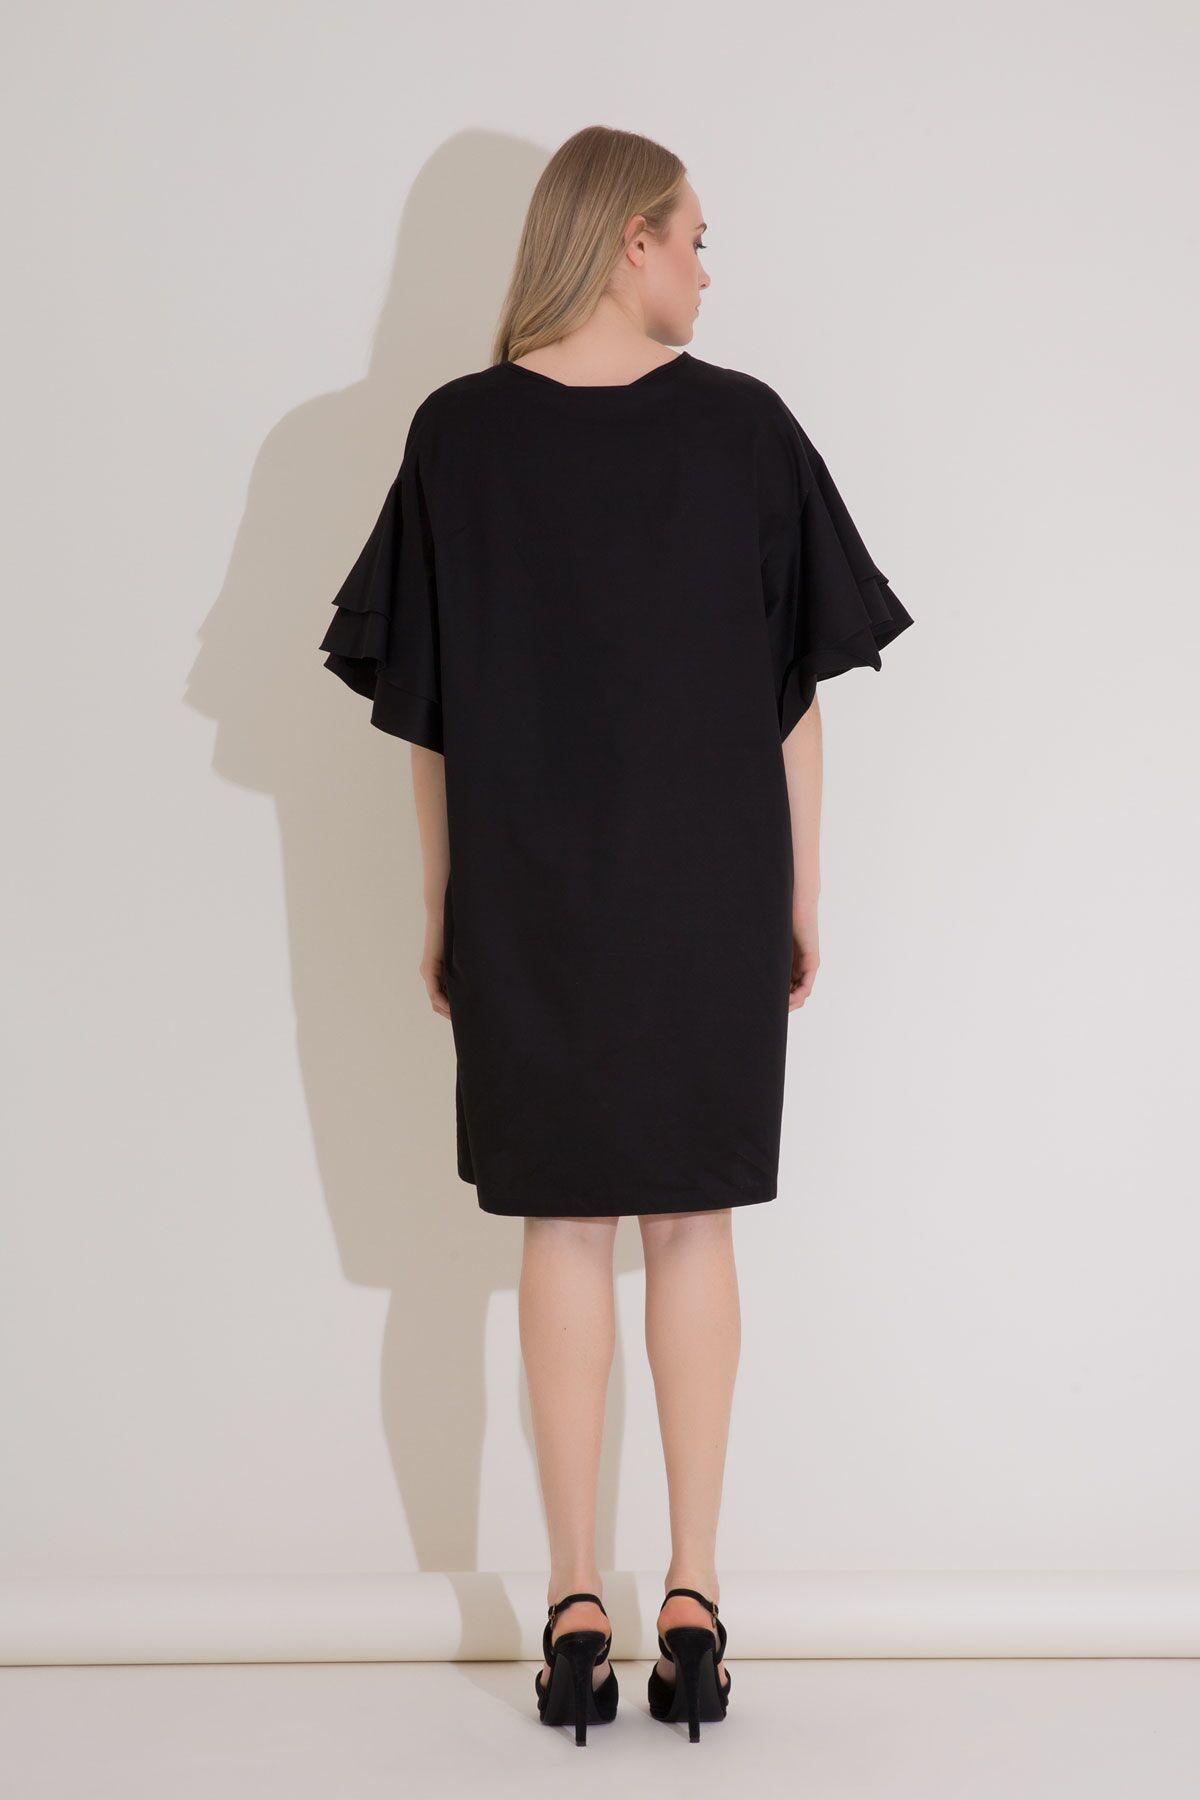 Pul Boncuk İşleme Volanlı Kollu Poplin Elbise